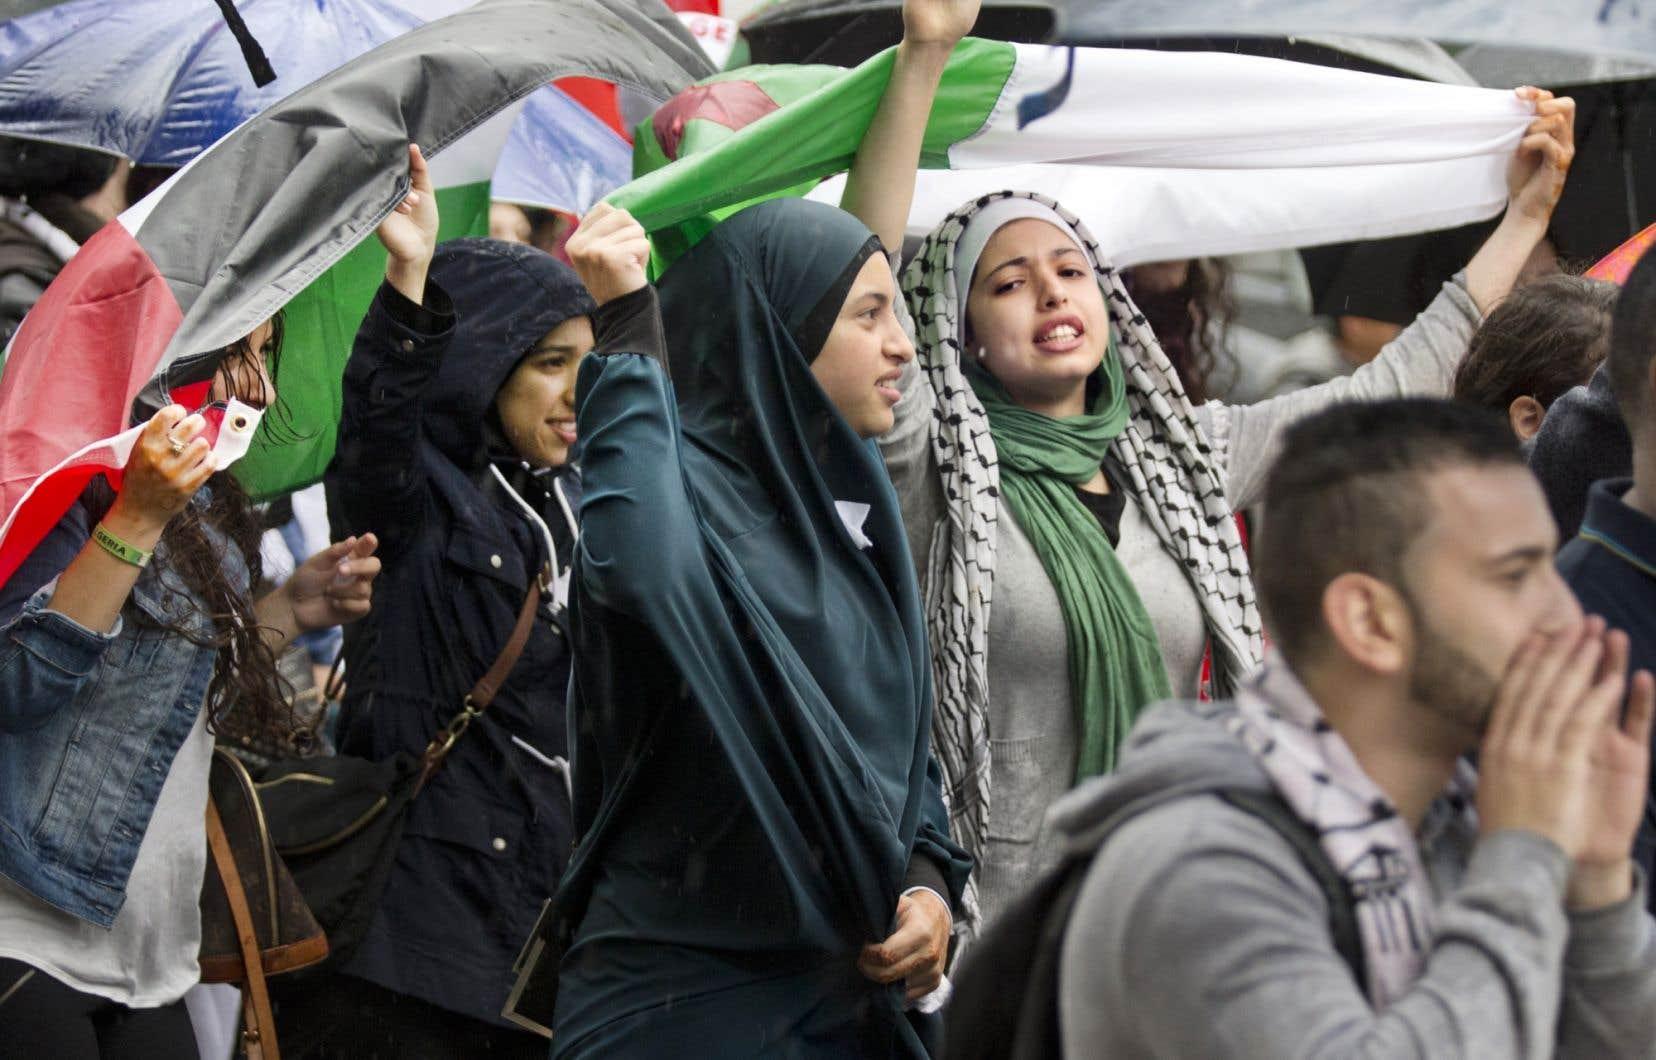 Plusieurs centaines de personnes se sont rassemblées devant le consulat général d'Israël à Montréal, lundi, au square Westmount. Le cortège, un des plus importants du genre depuis le début du conflit israélo-palestinien, a marché rue Sainte-Catherine jusqu'au square Dorchester.